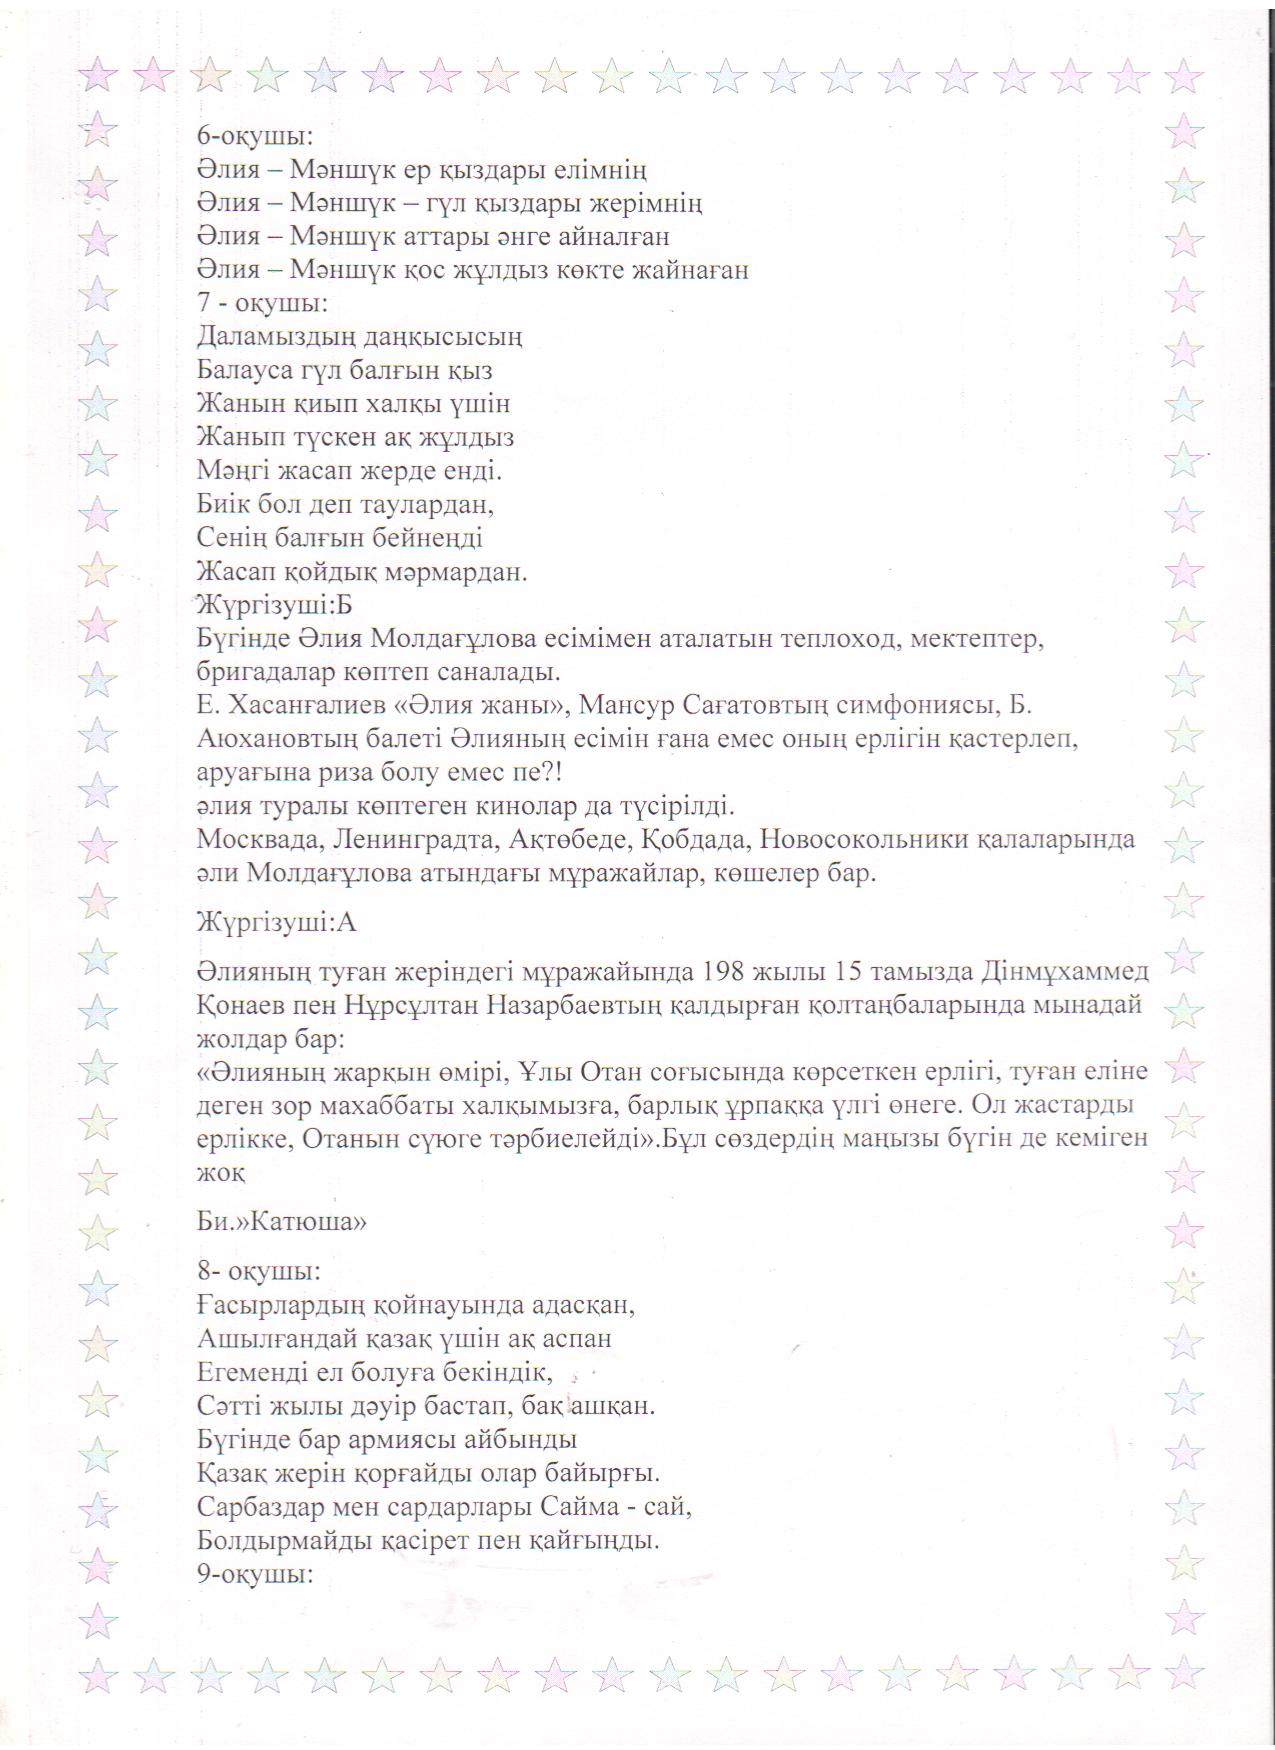 C:\Documents and Settings\User\Мои документы\Мои рисунки\2016-02-23, 1\1 006.jpg